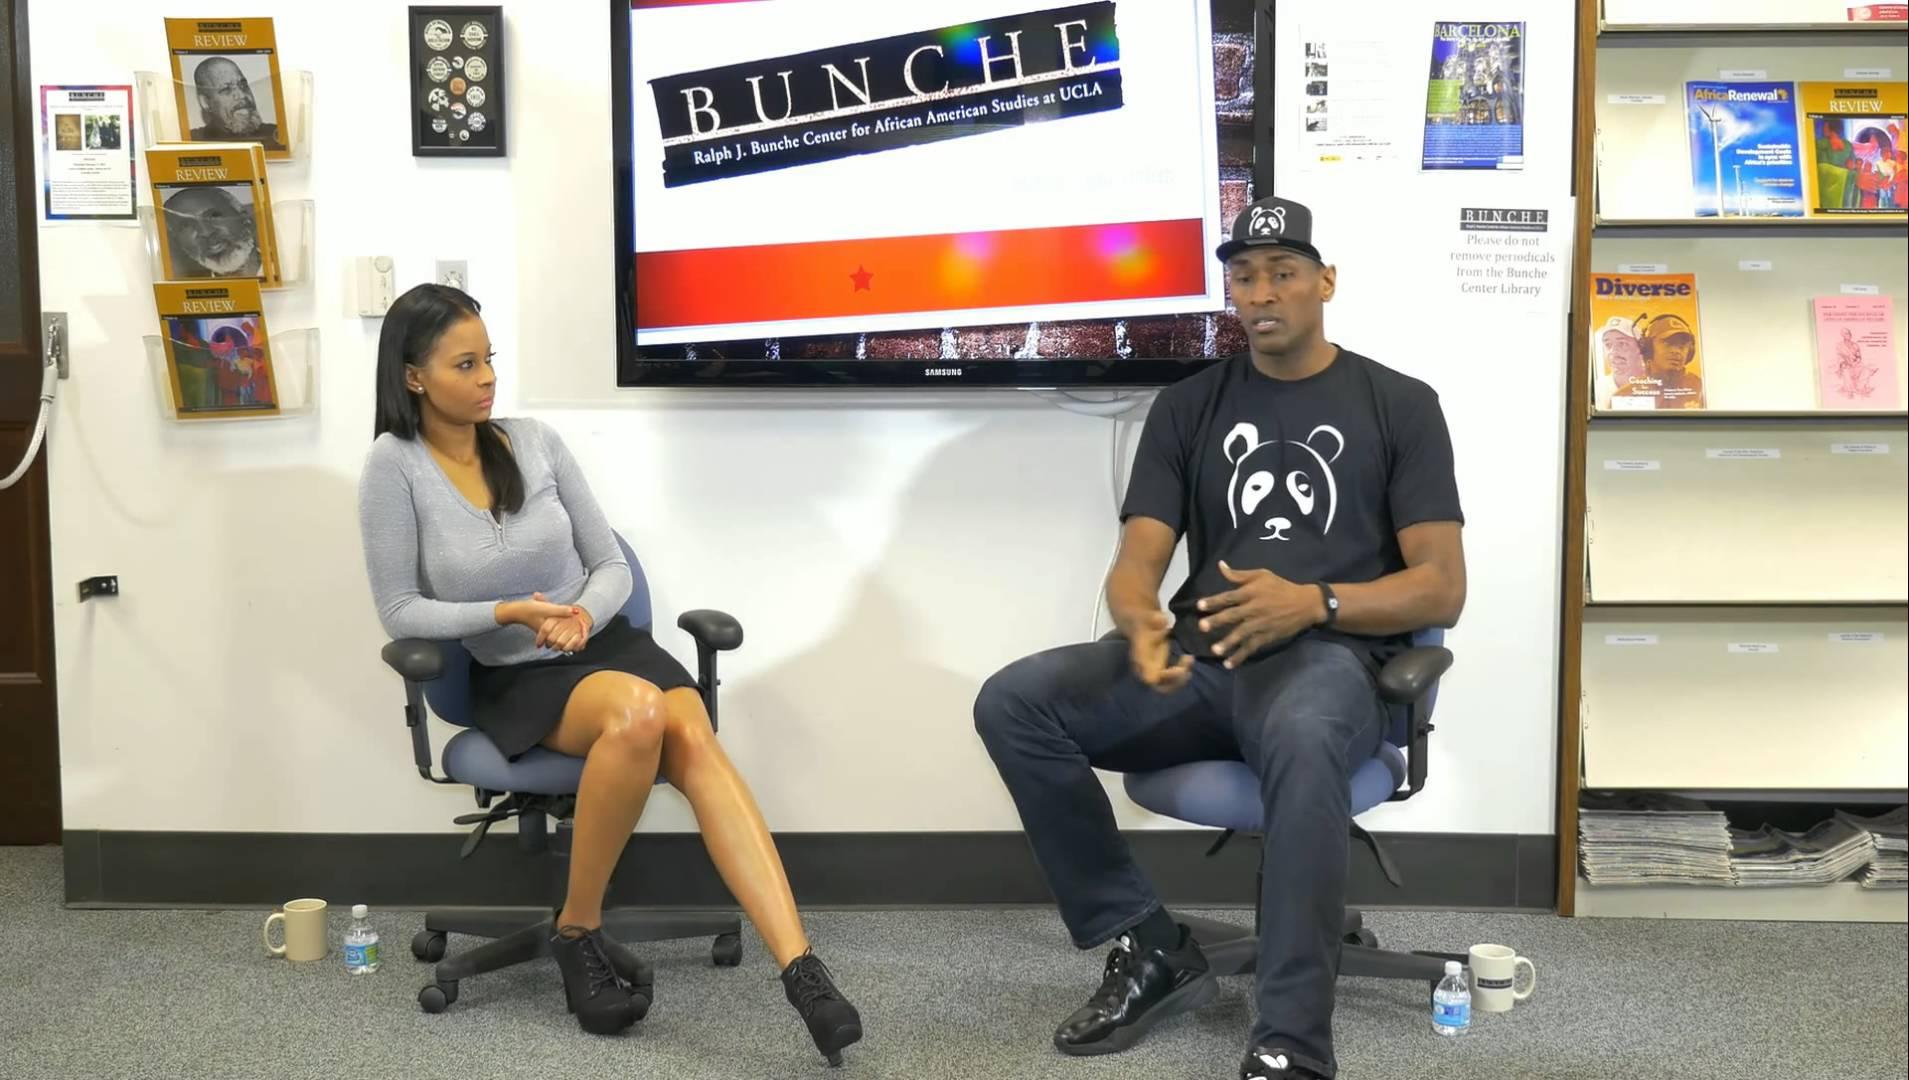 Metta World Peace speaks on cops killing black people vs black on black crime